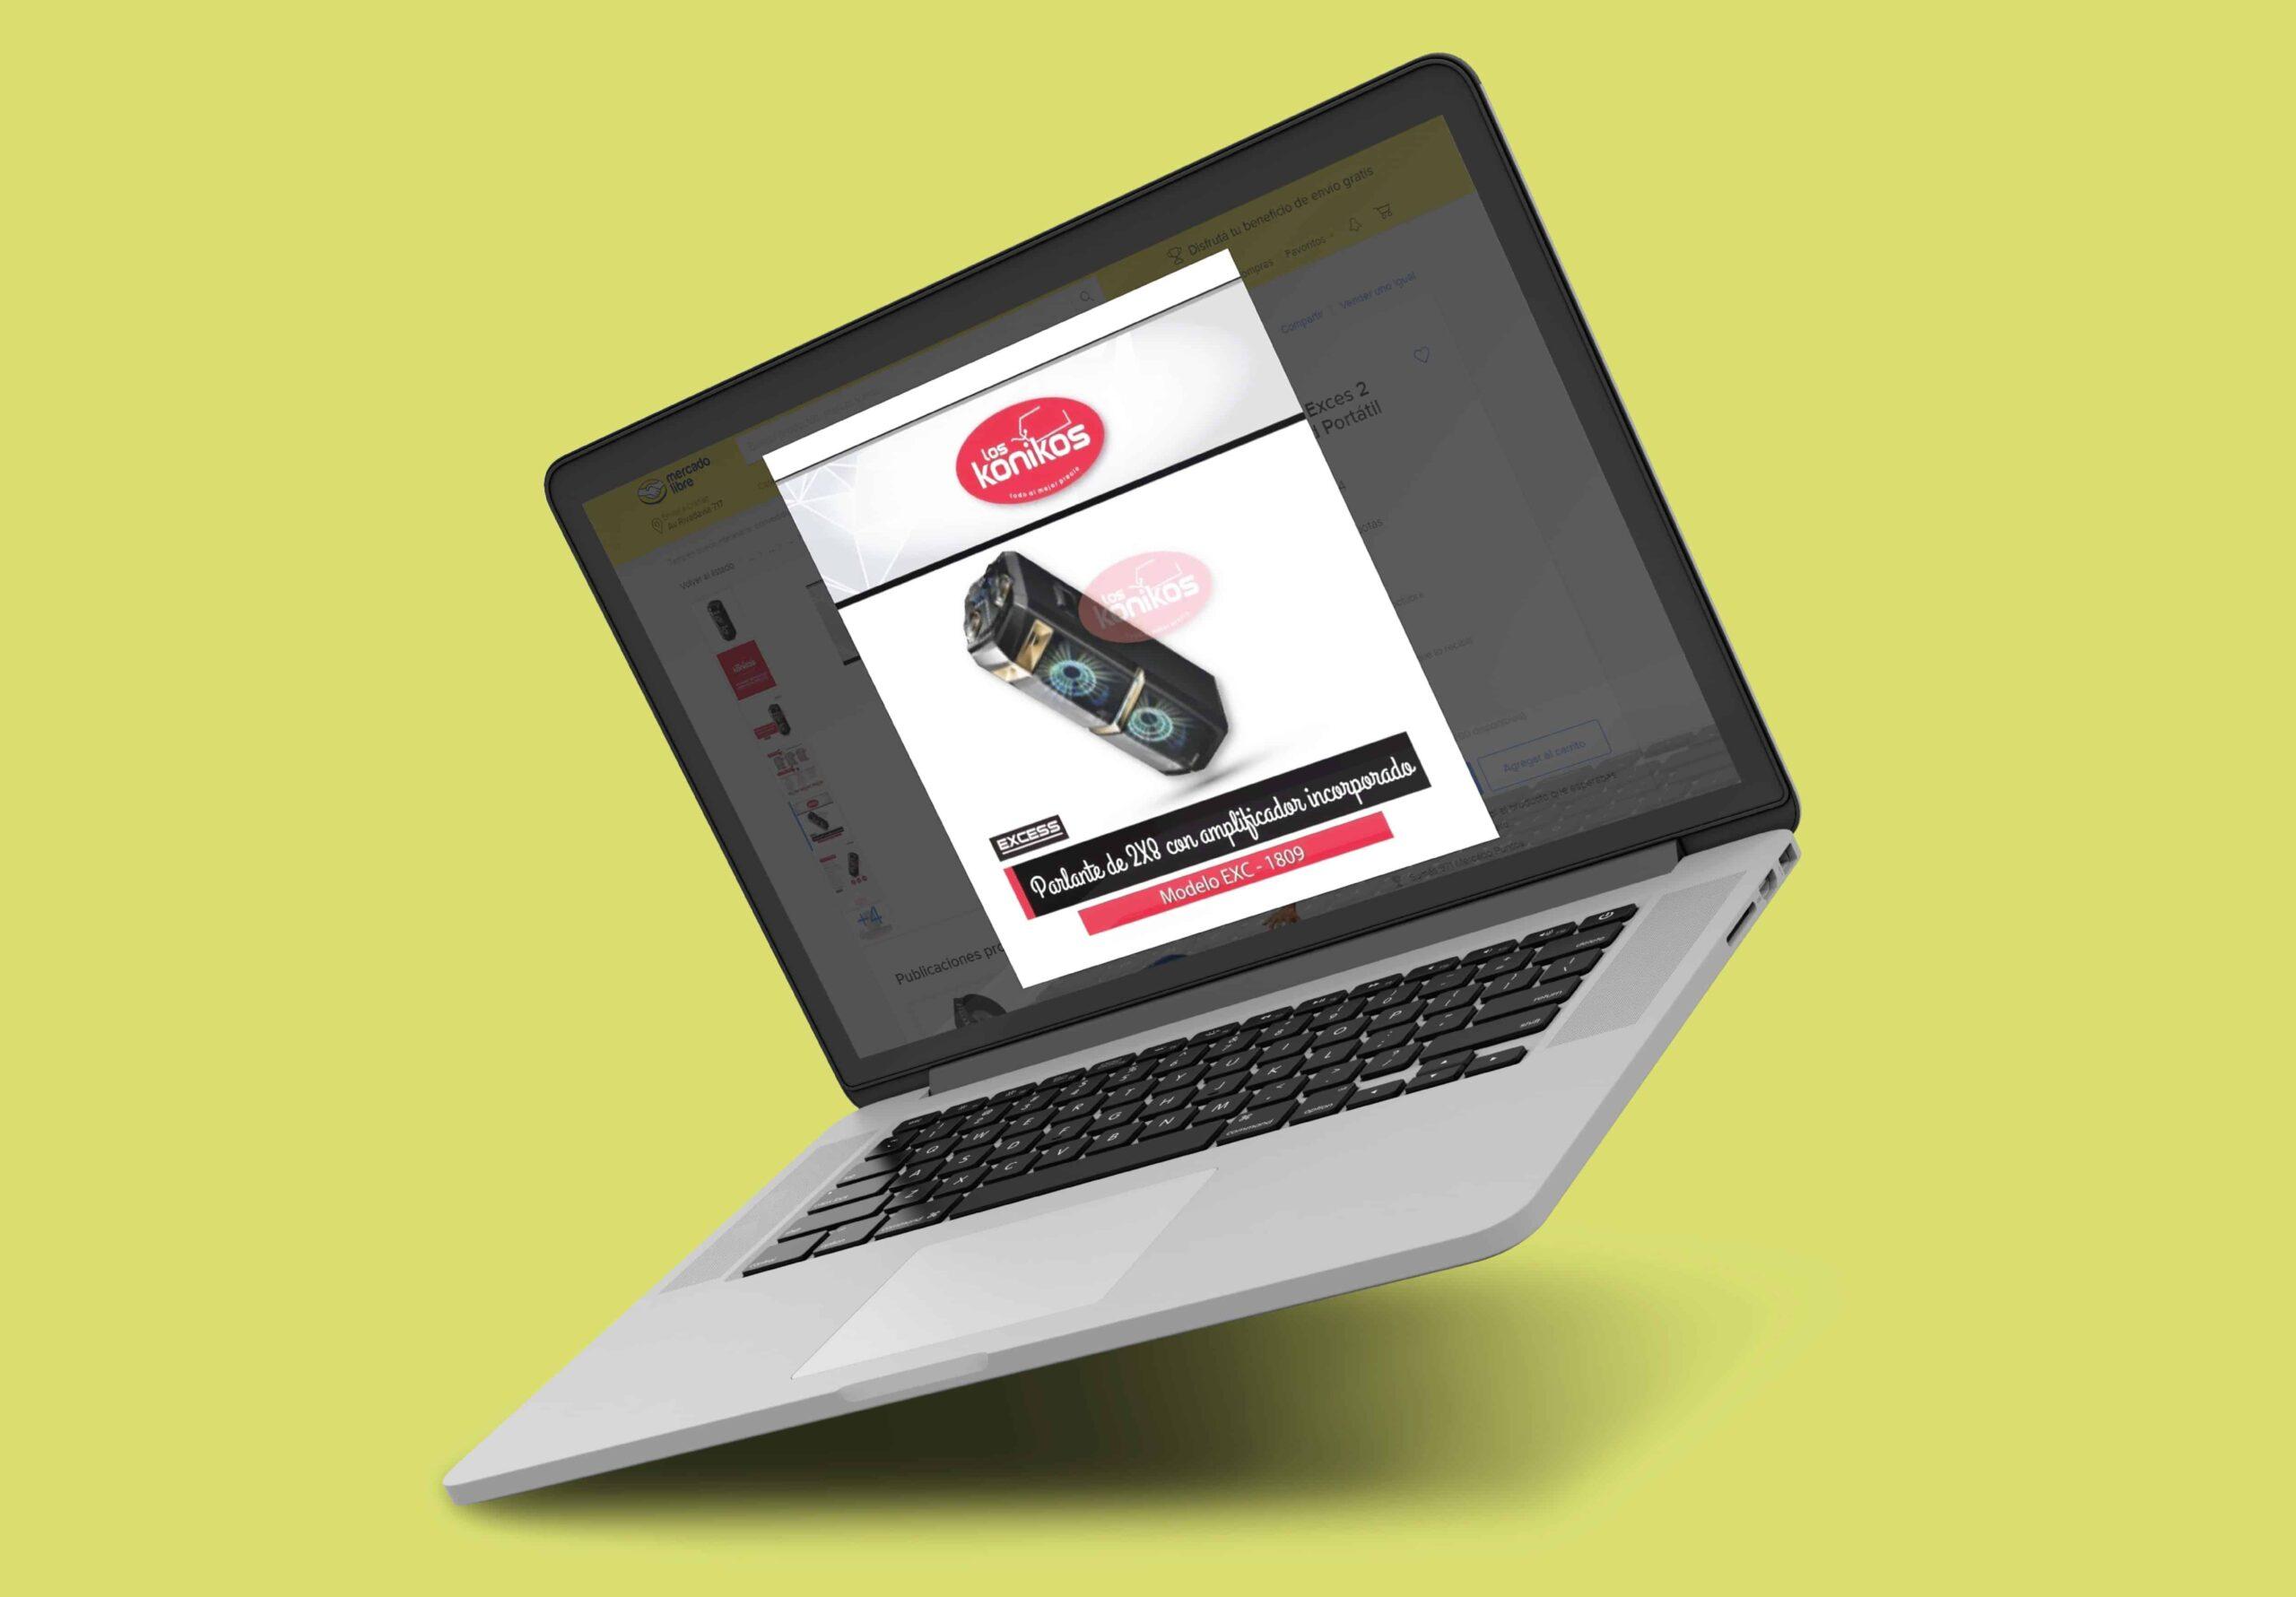 Marketing Digital Agencia Digital, Vender en MercadoLibre, comovender_en_mercadolibre_5-scaled